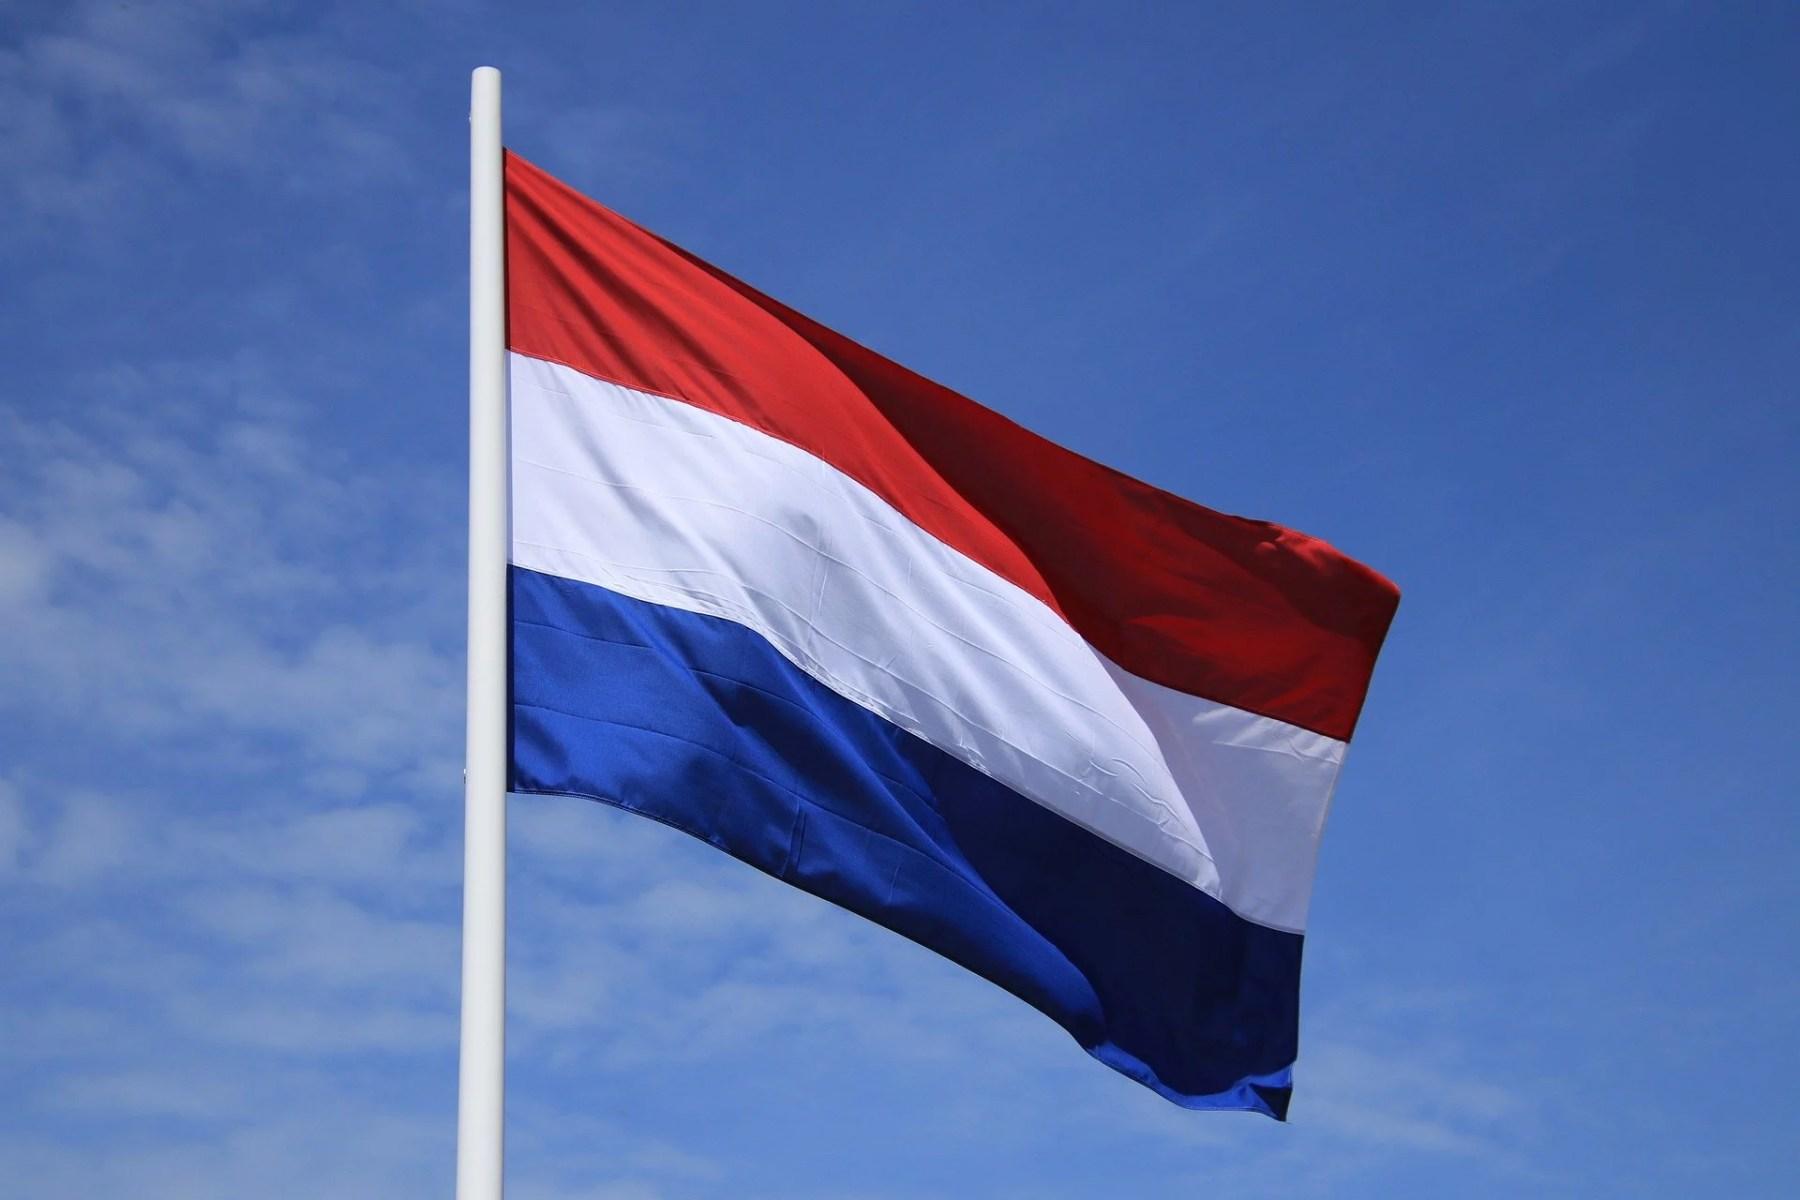 Qui sont Sigrid Kaag et le D66, stars des élections aux Pays-Bas ?